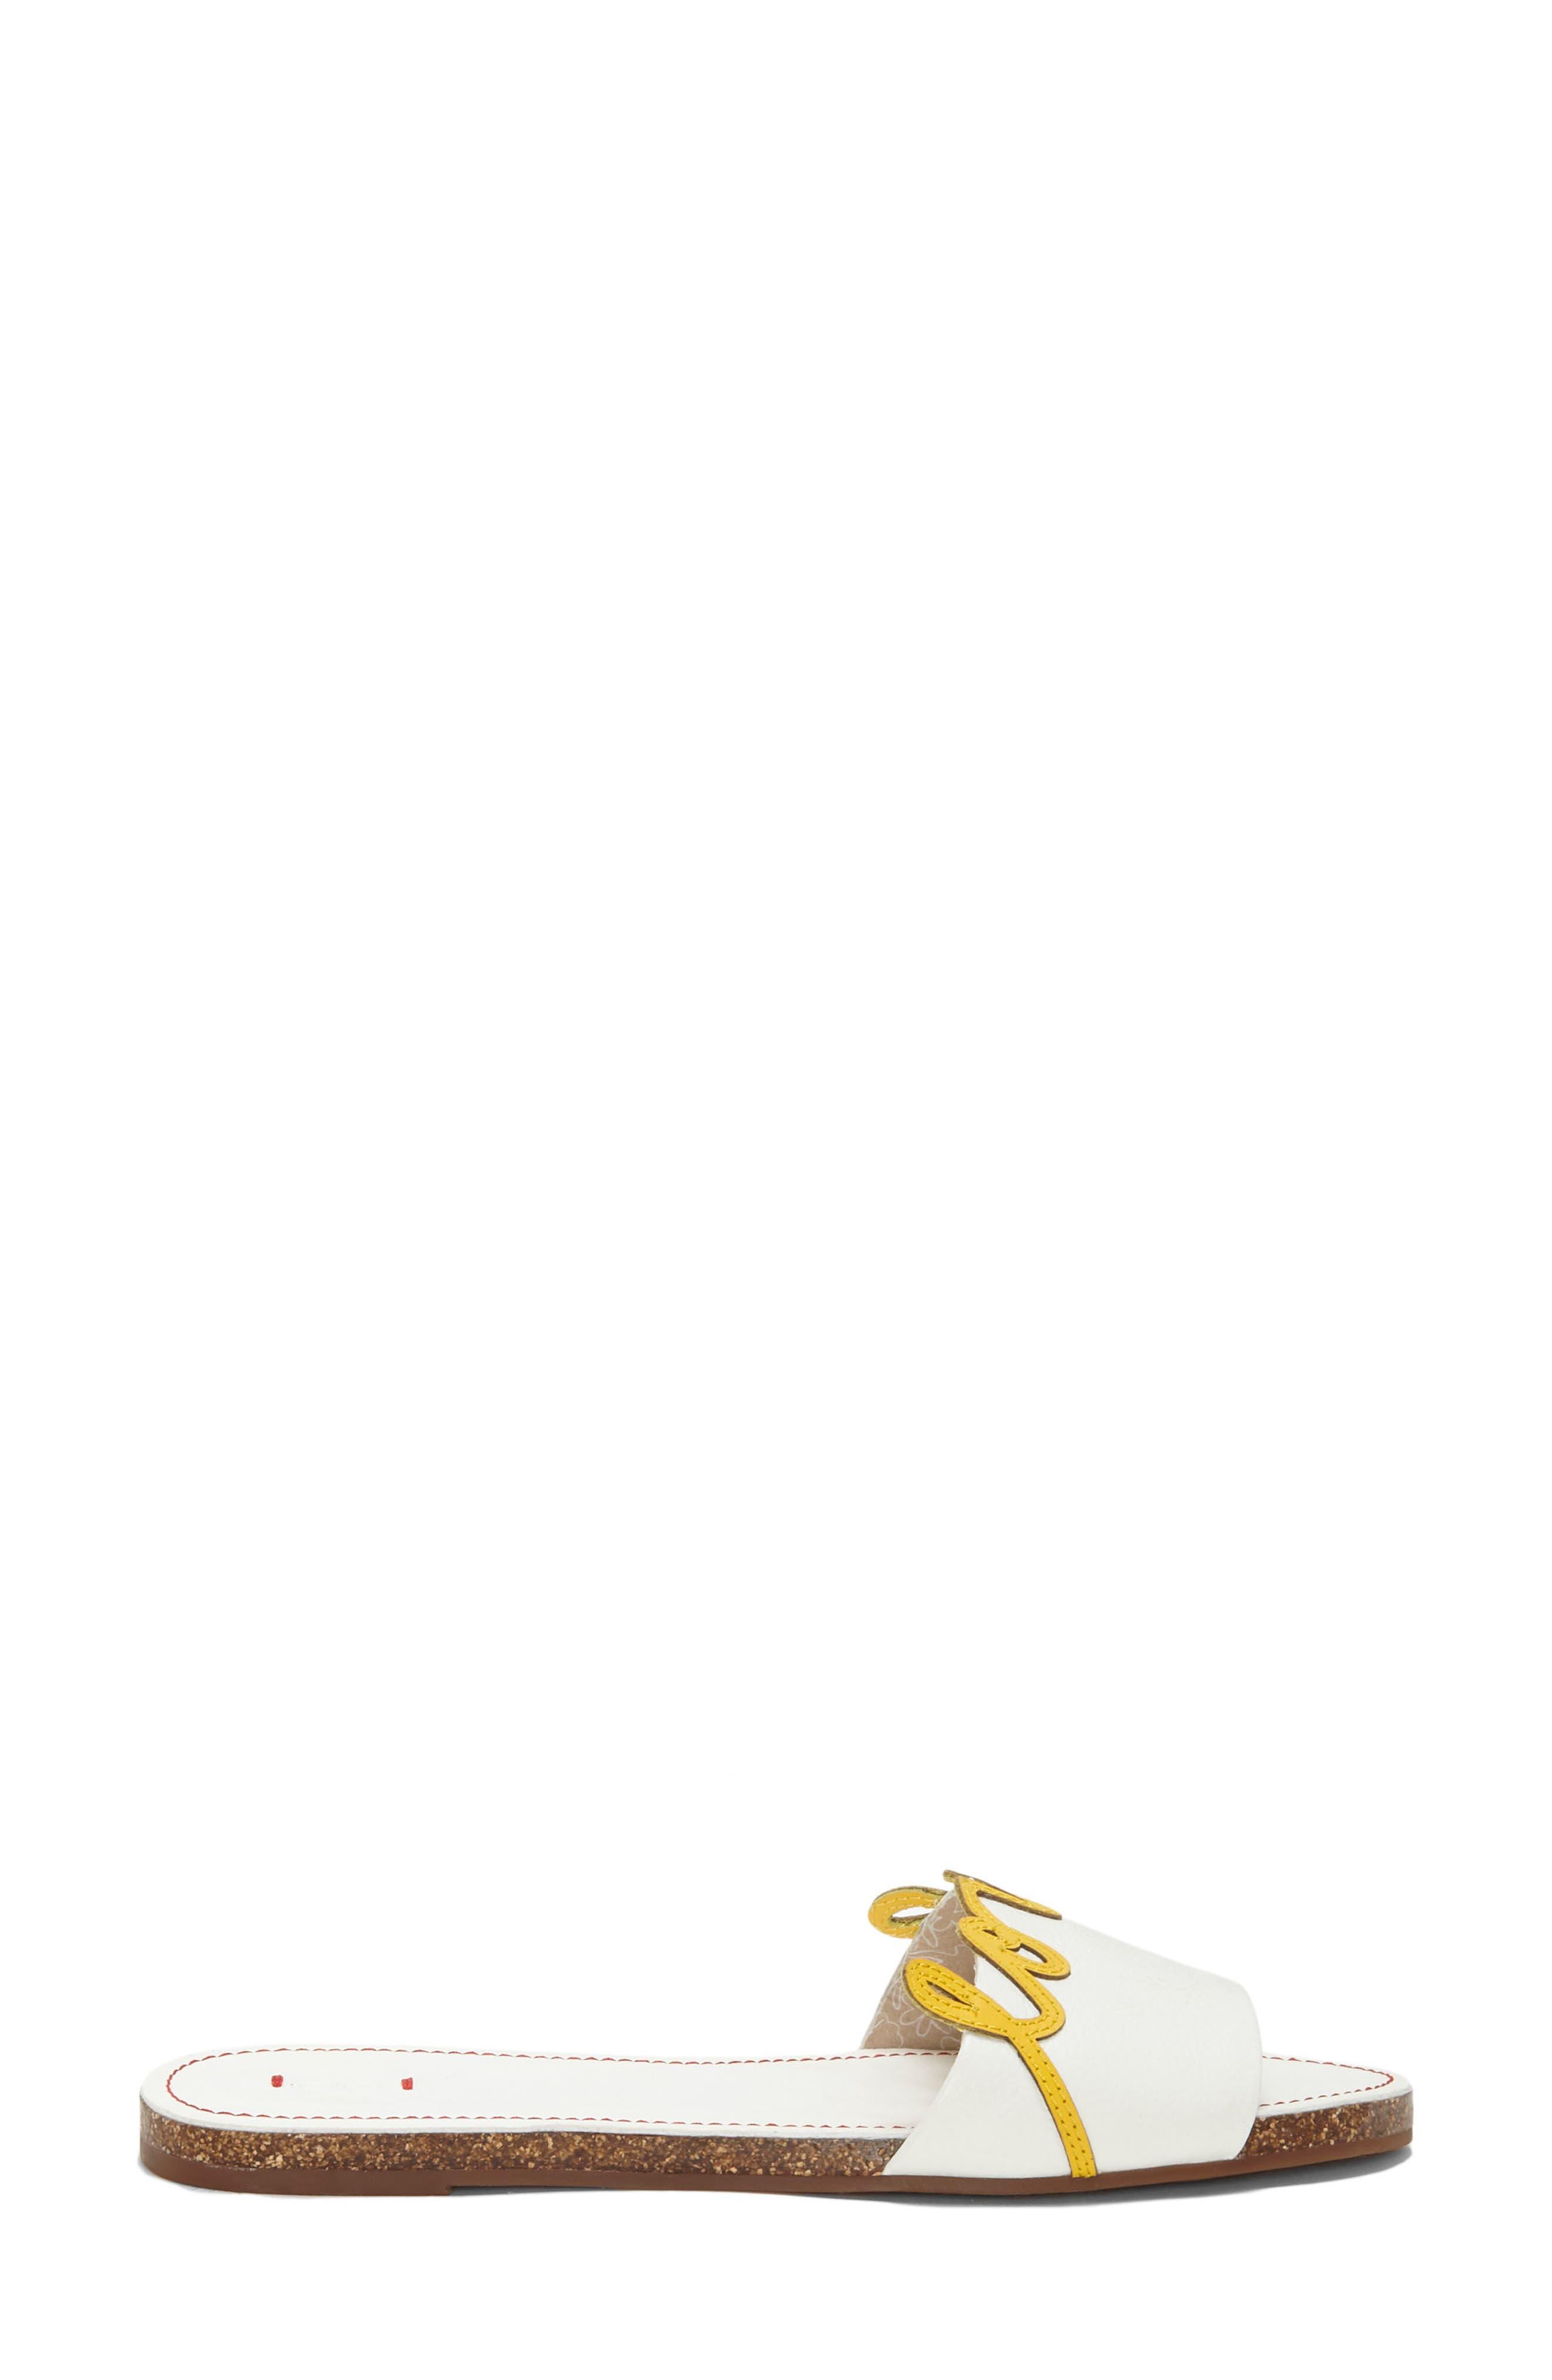 Sharlin Slide Sandal,                             Alternate thumbnail 3, color,                             110